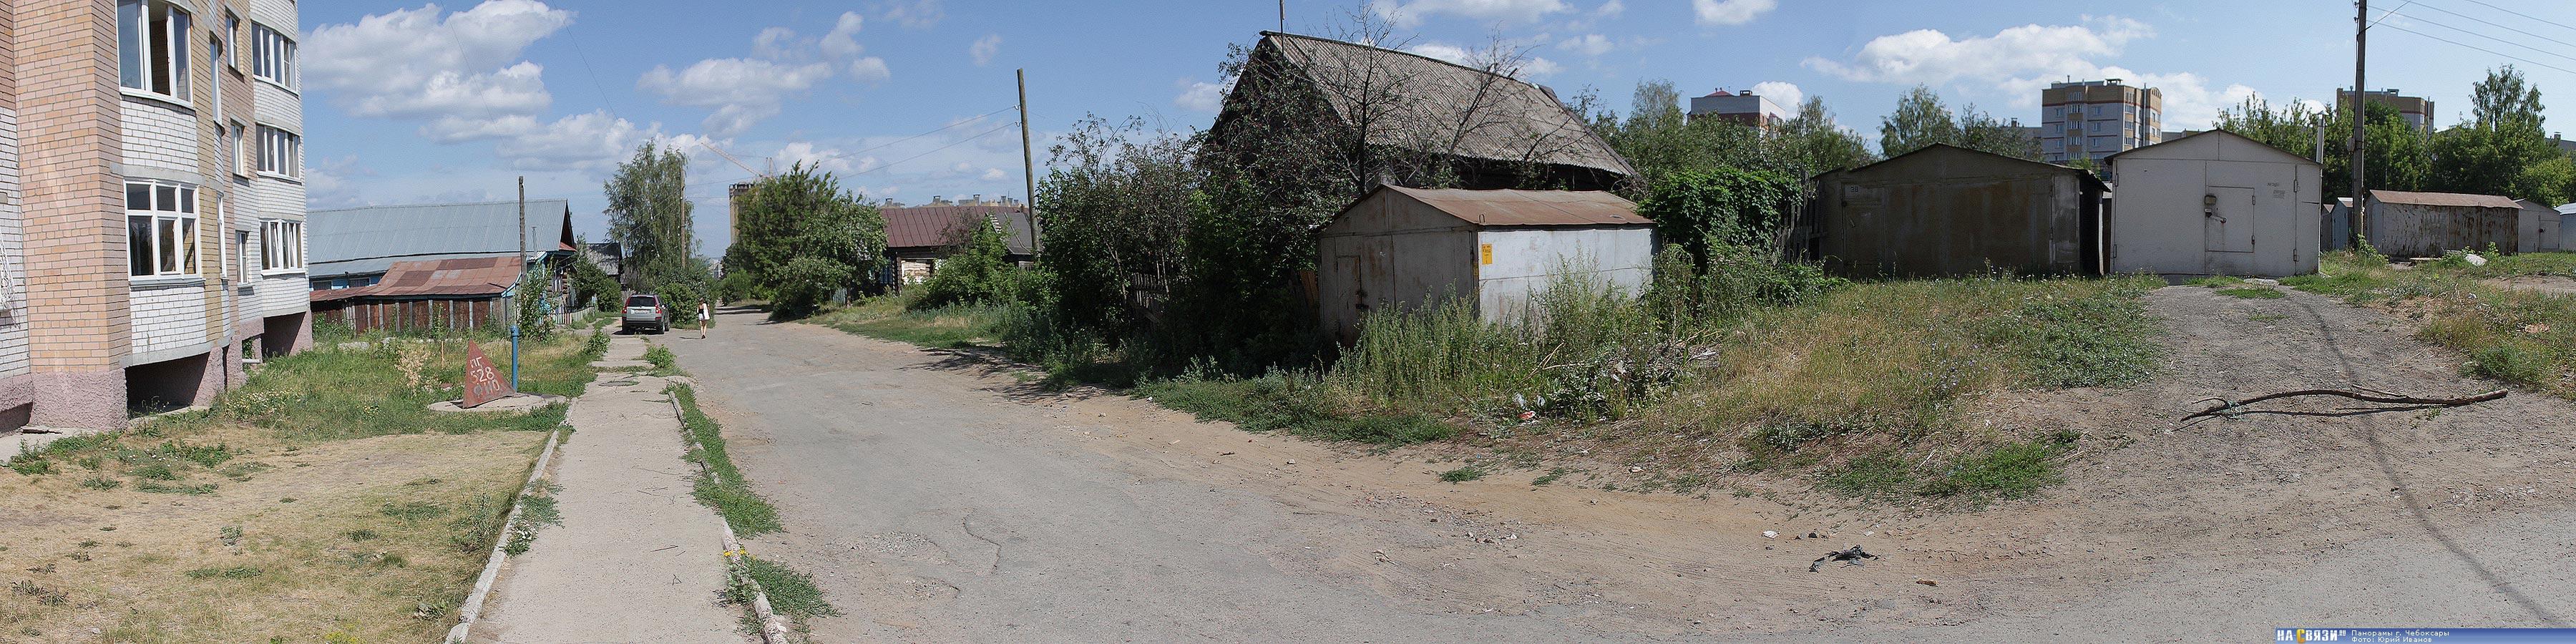 Фотографии улицы чапаева в южноуральске